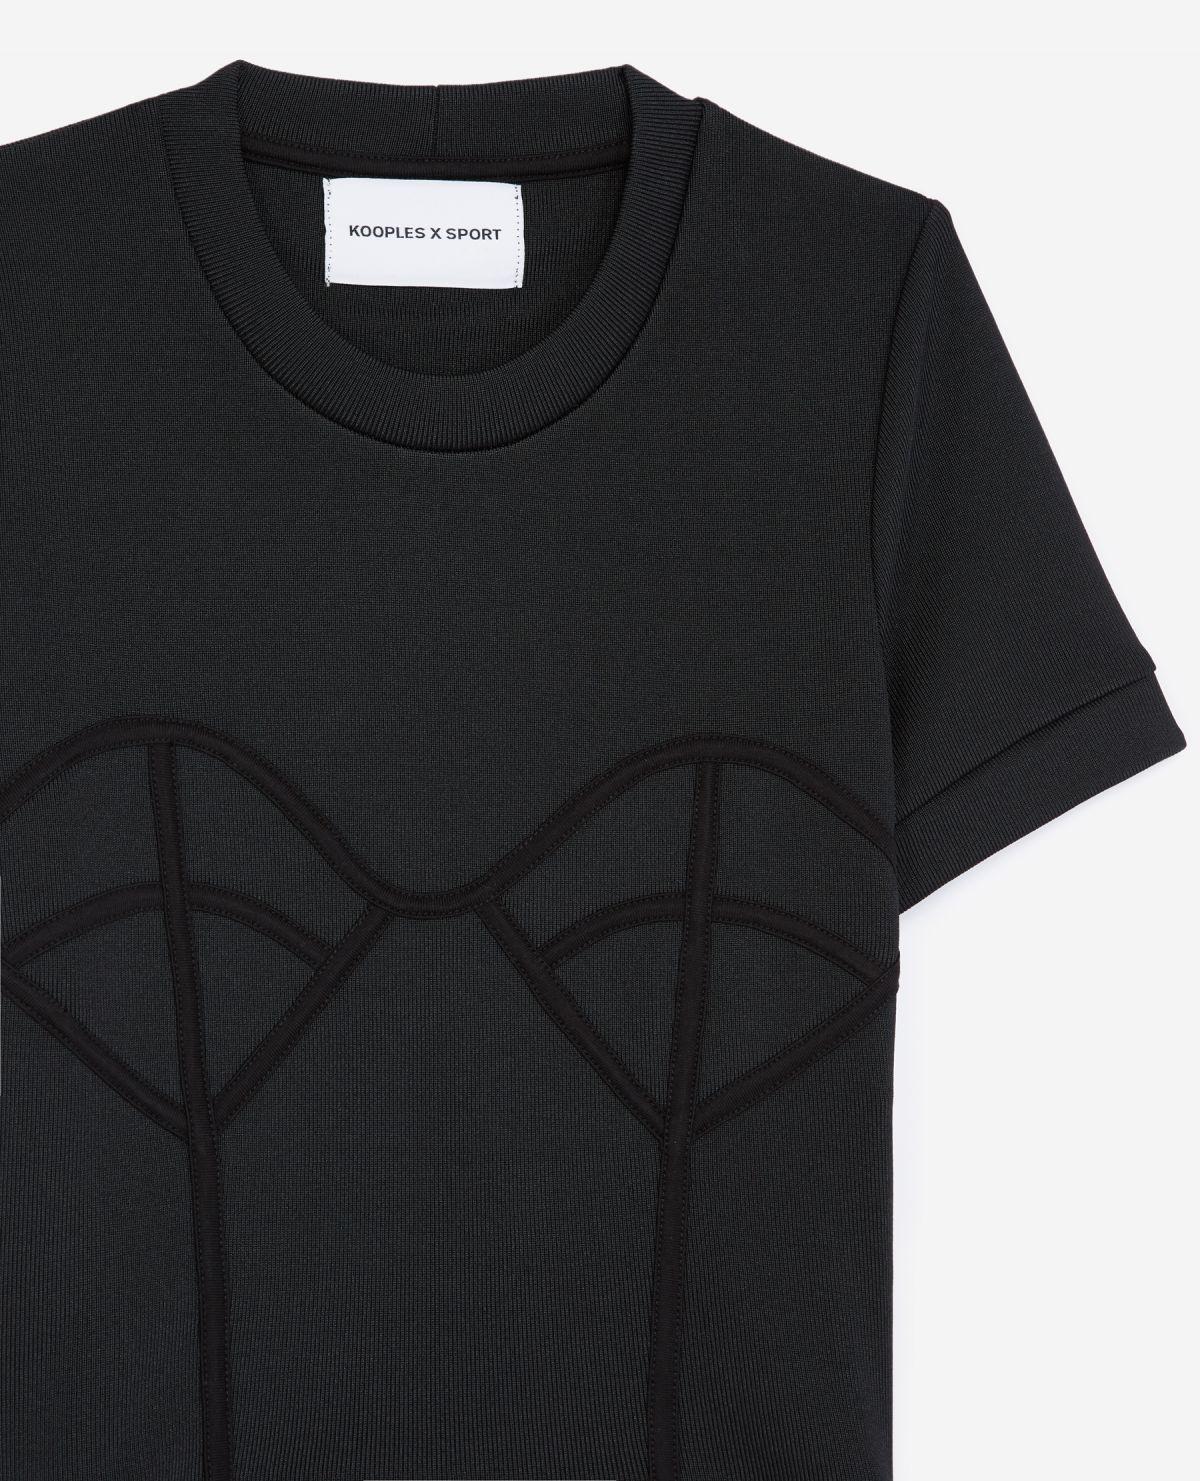 THE KOOPLES t-shirt noir maille à détail corset-3